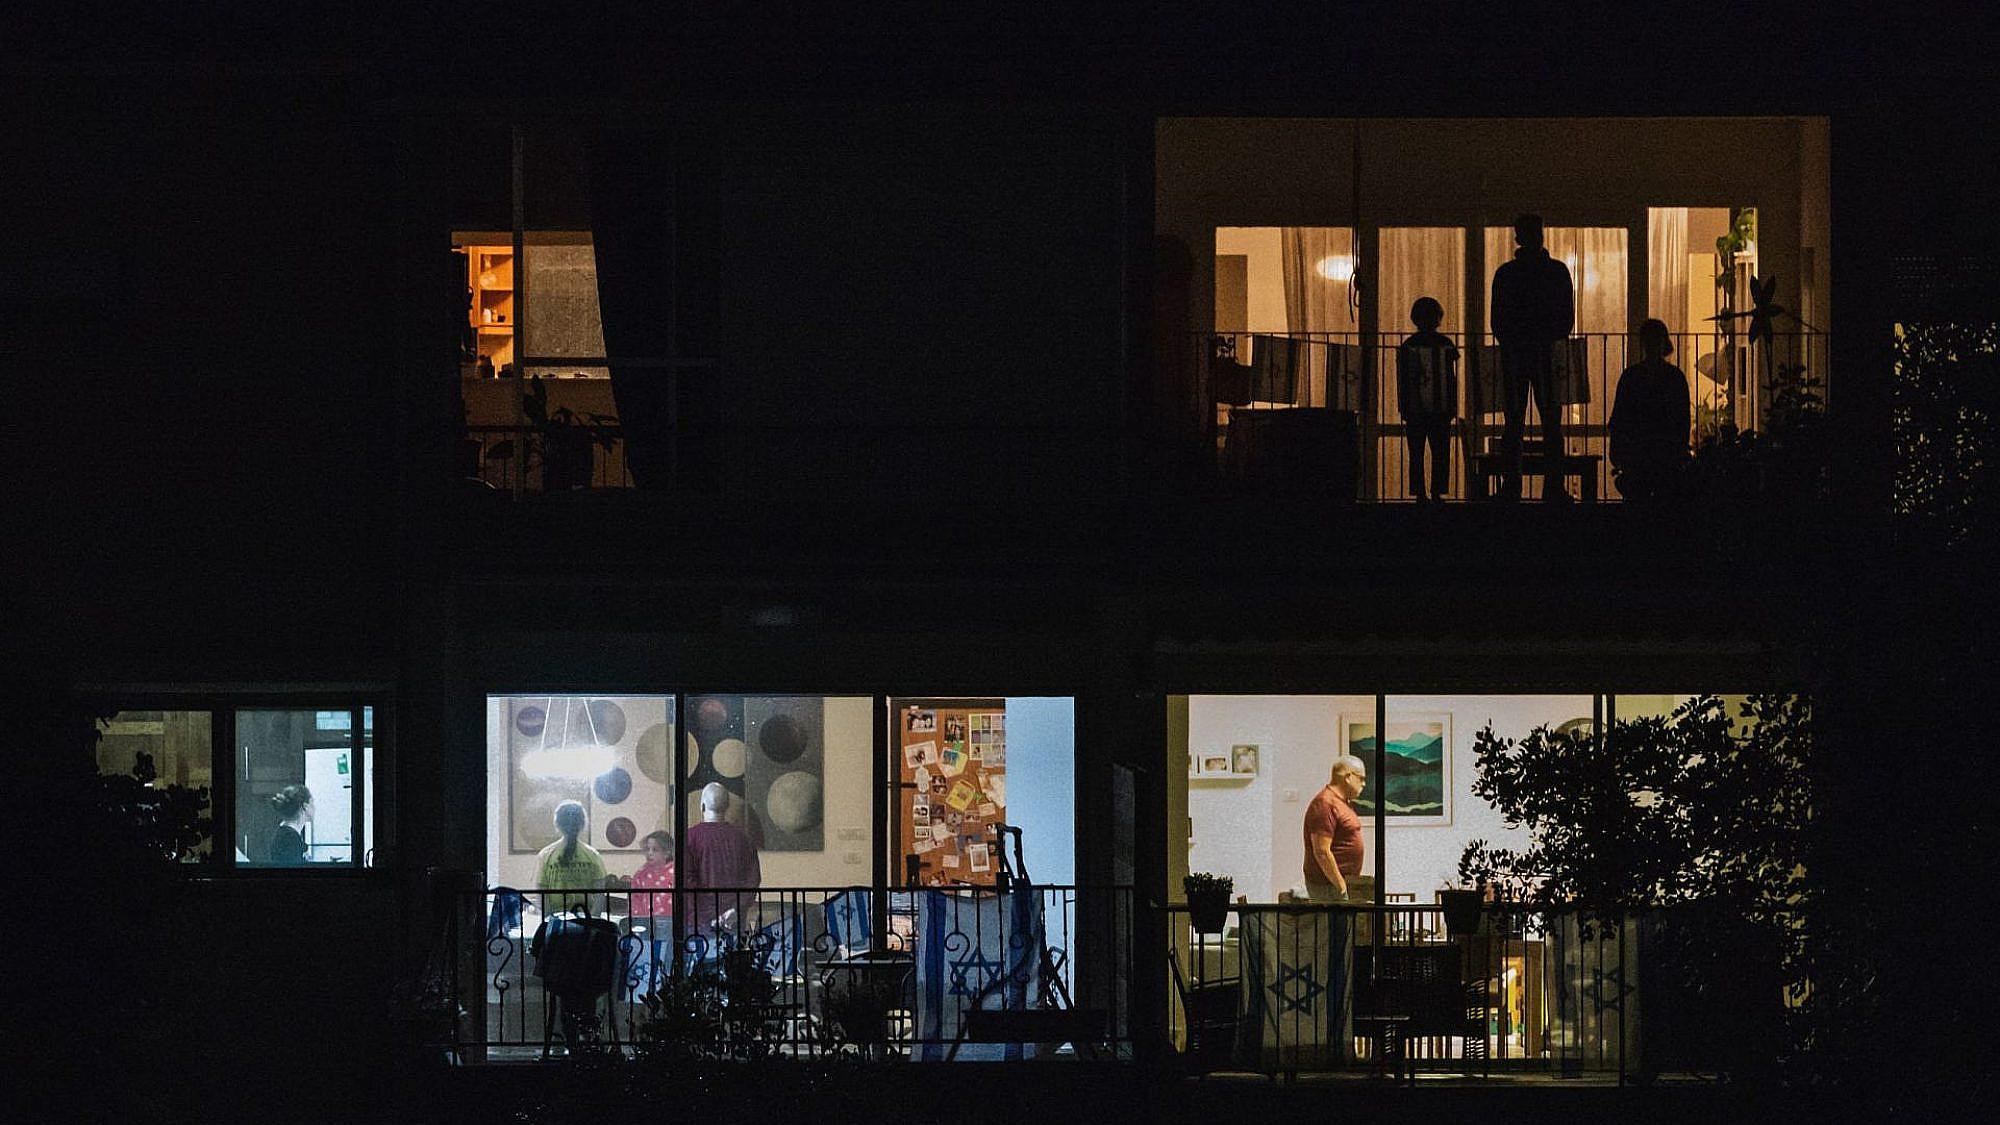 צפירת ערב יום הזיכרון 2020, צילום: עדי עופר, חיפה.